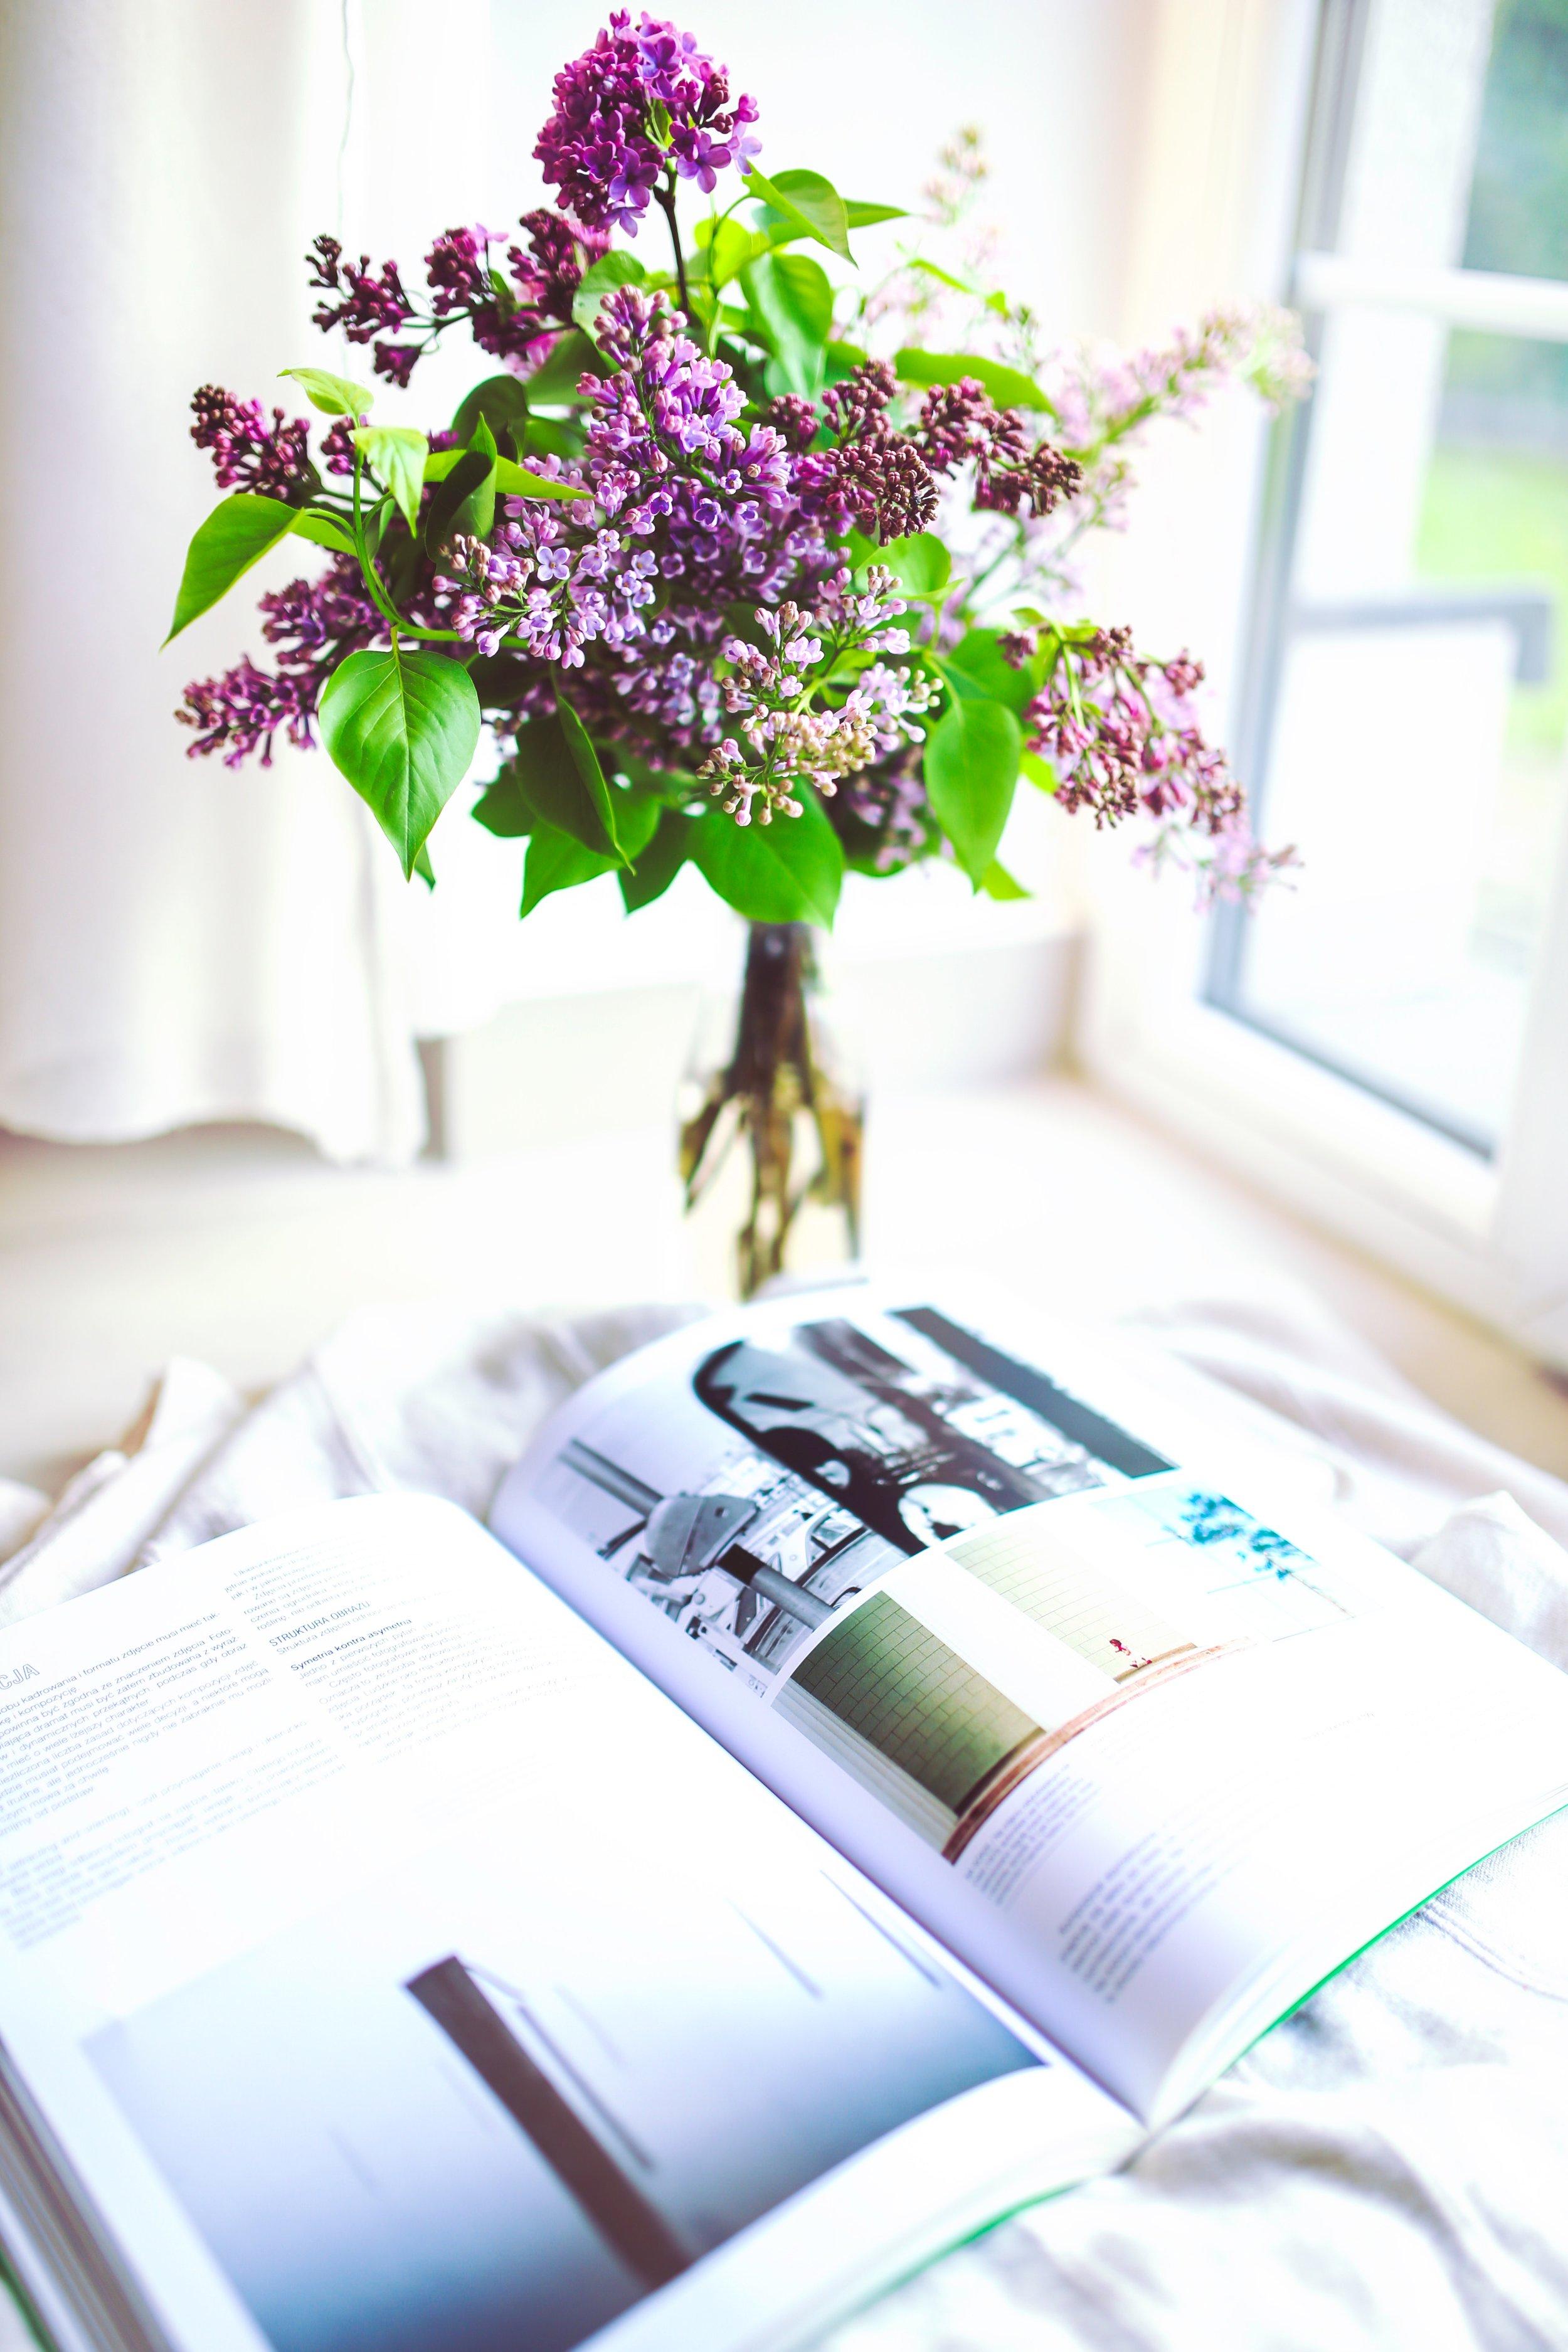 blur-book-business-5773.jpg